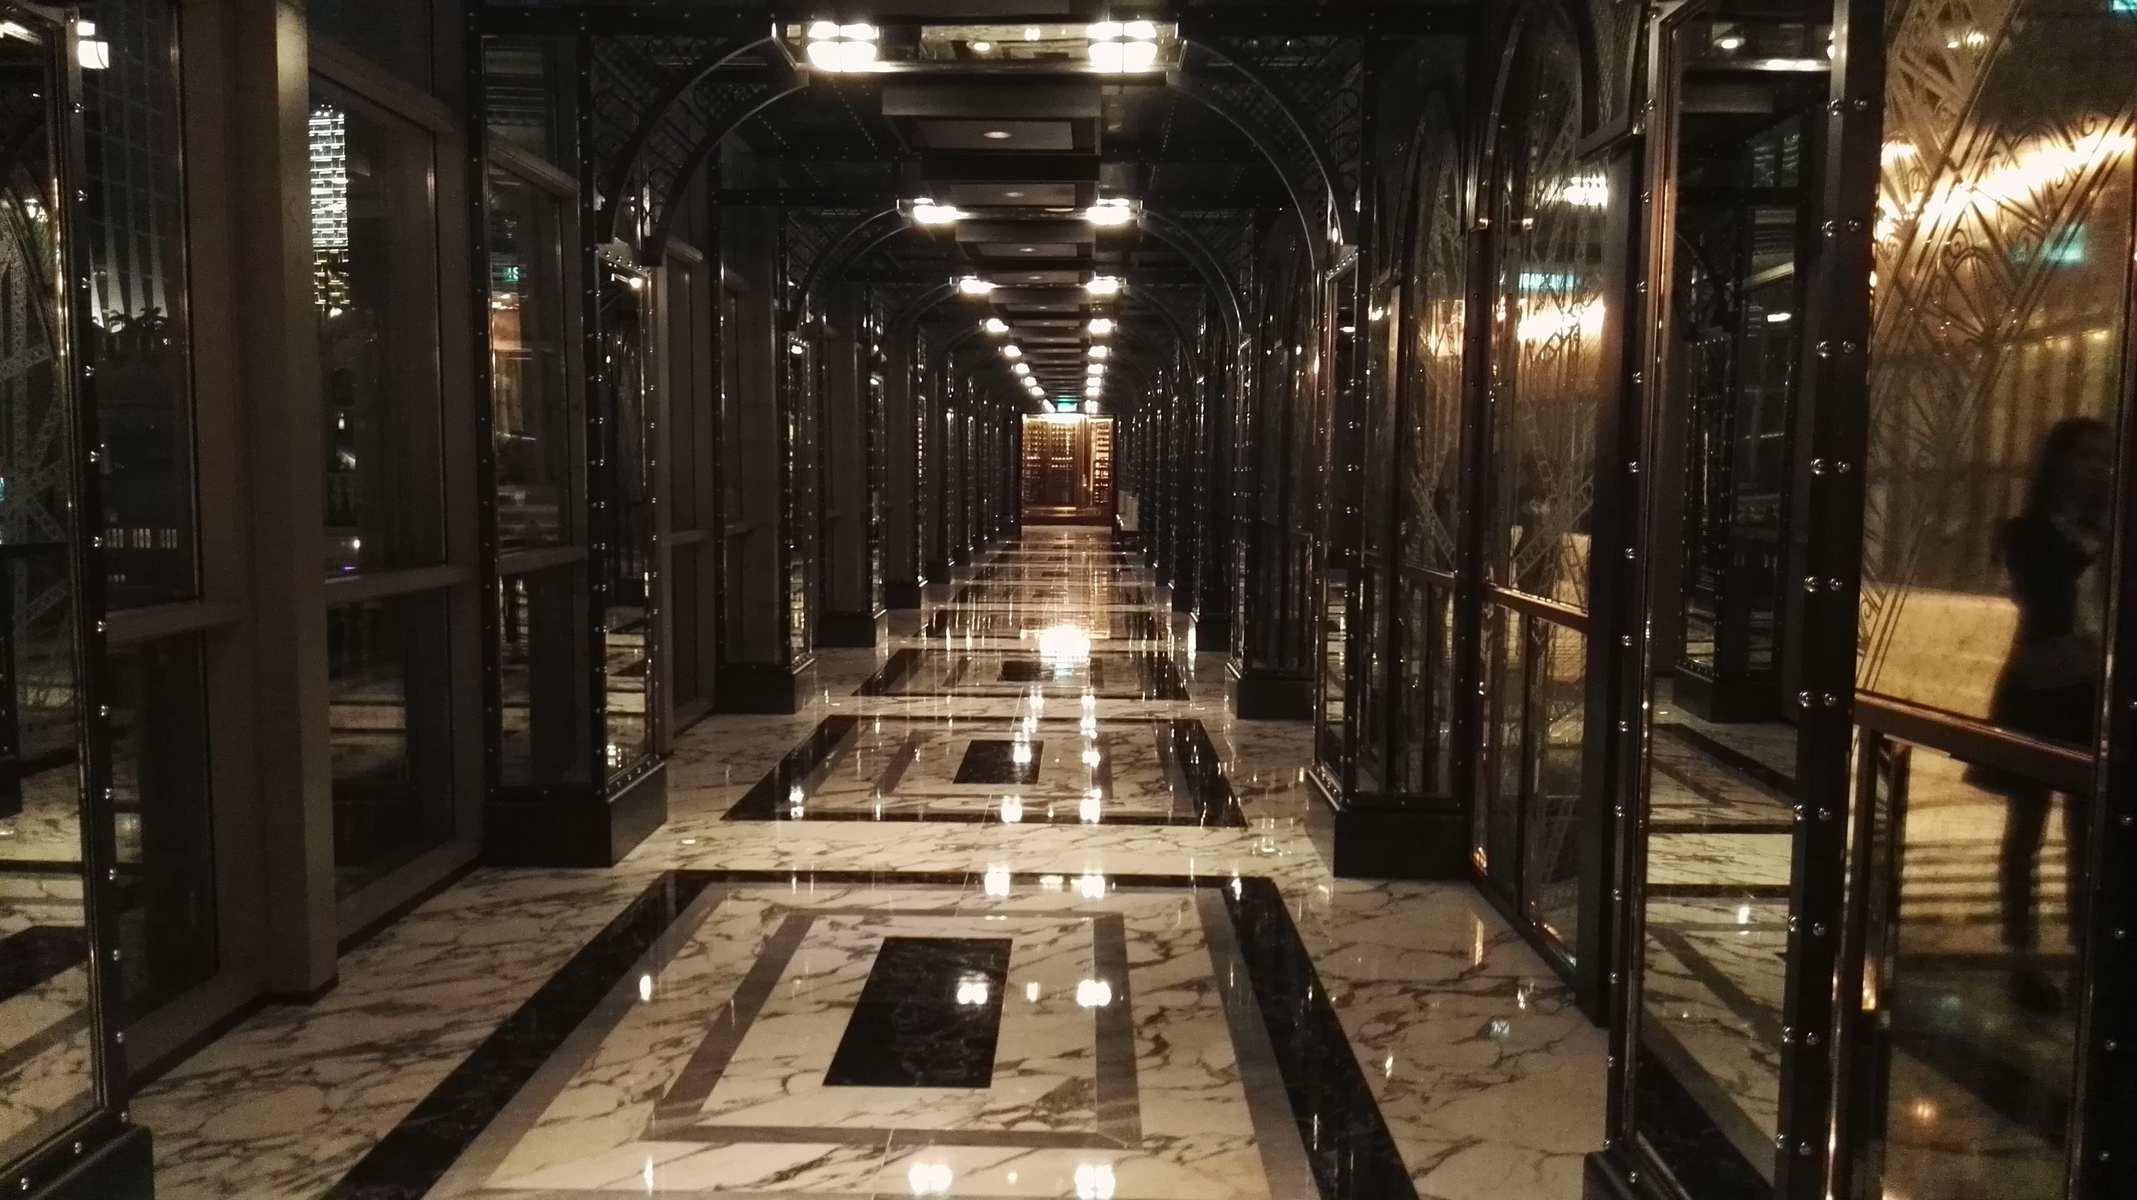 澳门巴黎人巴黎轩走廊